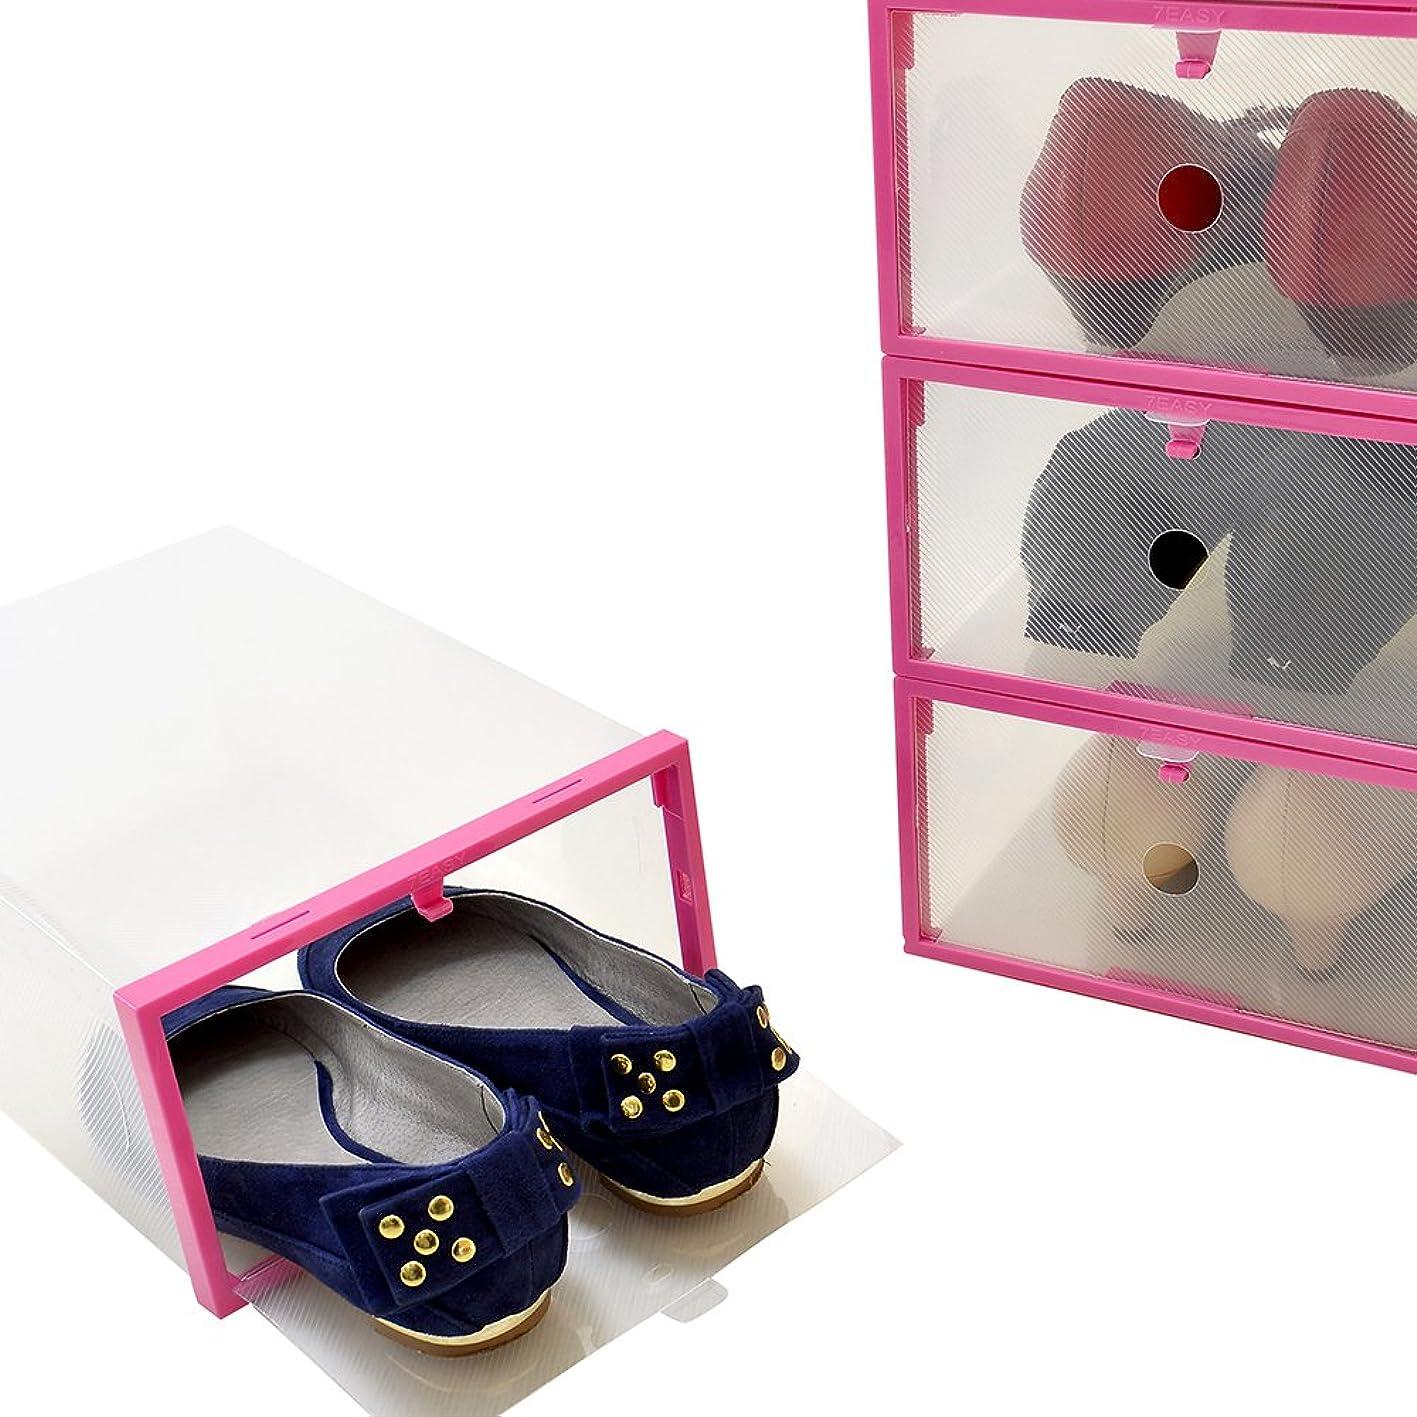 軽減するアプローチ女性用サイズ シューズボックス 透明クリアーケース【靴箱/収納】【コモストック】